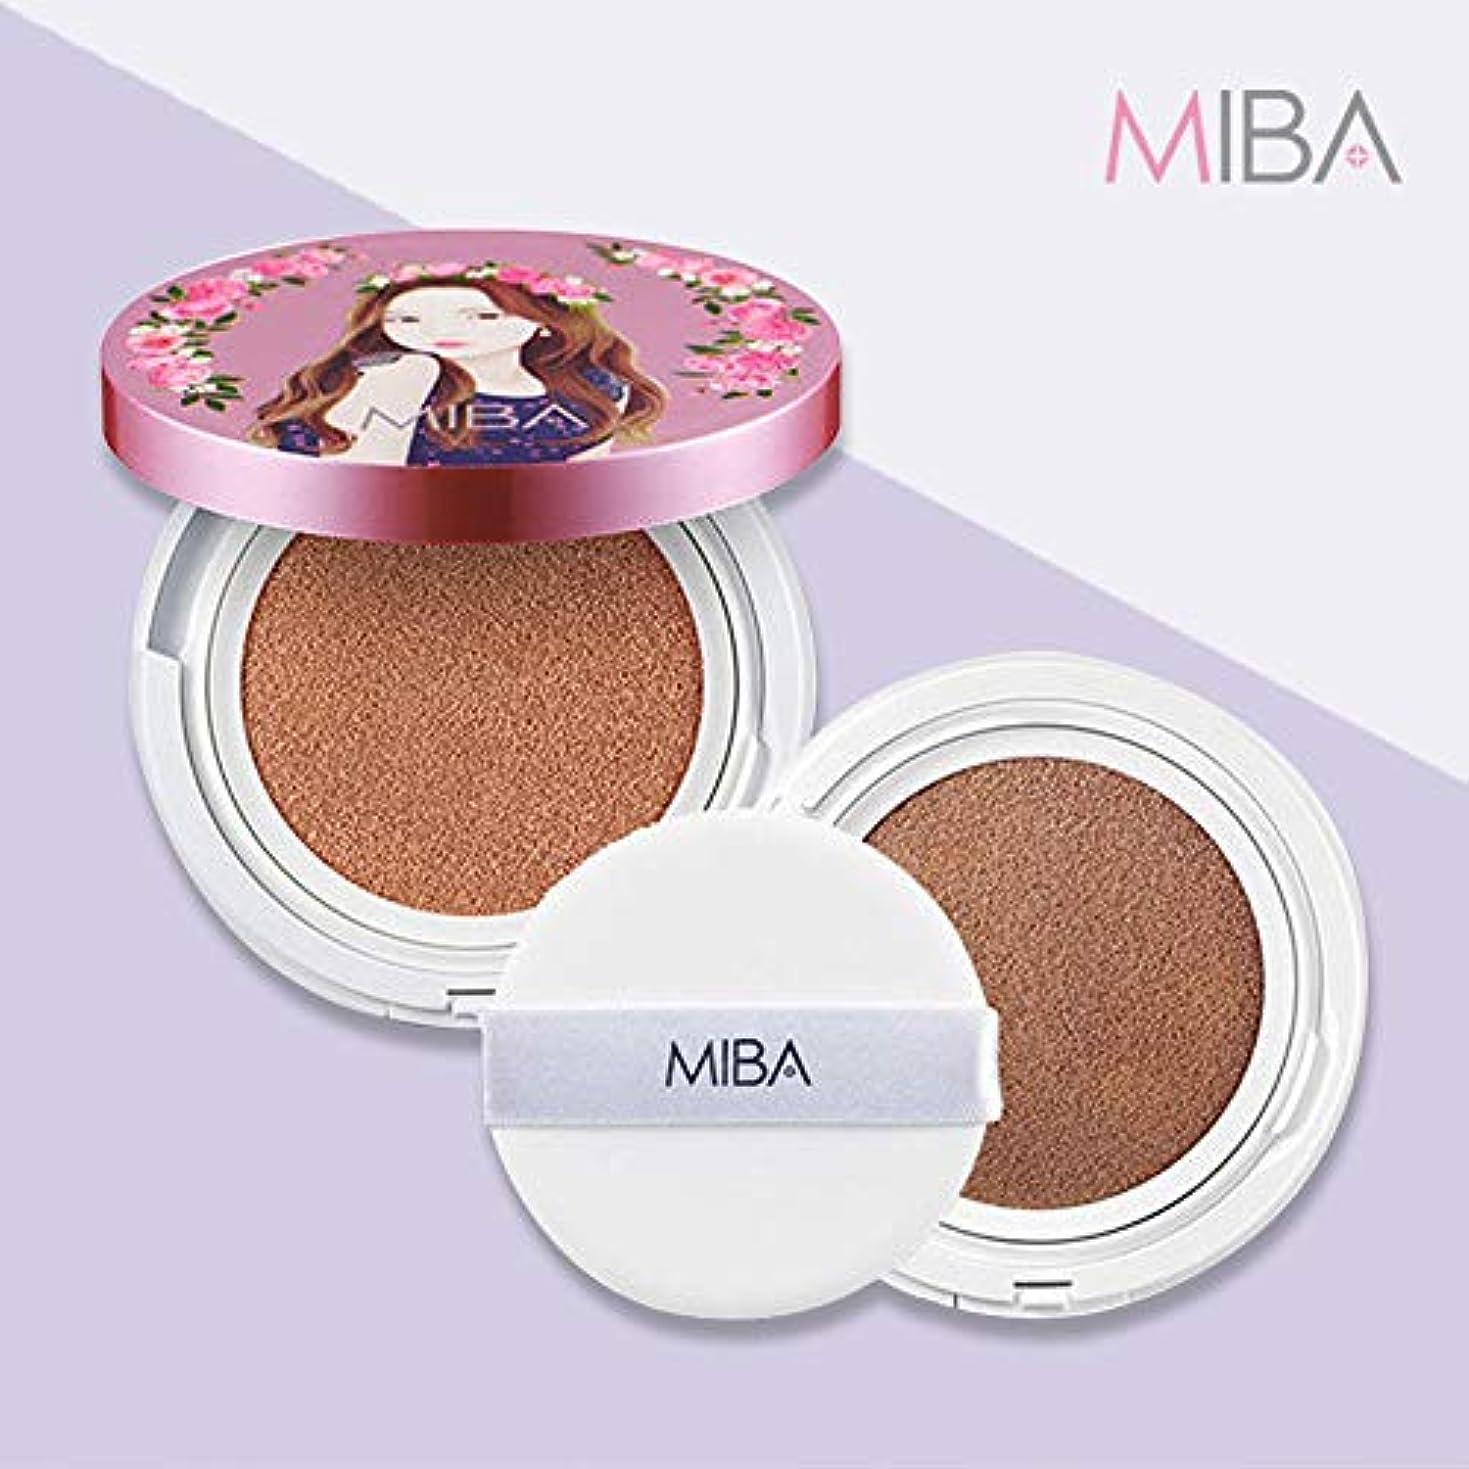 日焼け再び打たれたトラック【mineralbio】 MIBA ミバ イオンカルシウム ミネラルファンデーション ダブルクッション 本品+リフィル+パフ2枚 SPF50+/PA++++ 普通肌用 (Ion Calcium Foundation Double Cushion set 24g #23 Natural skin)